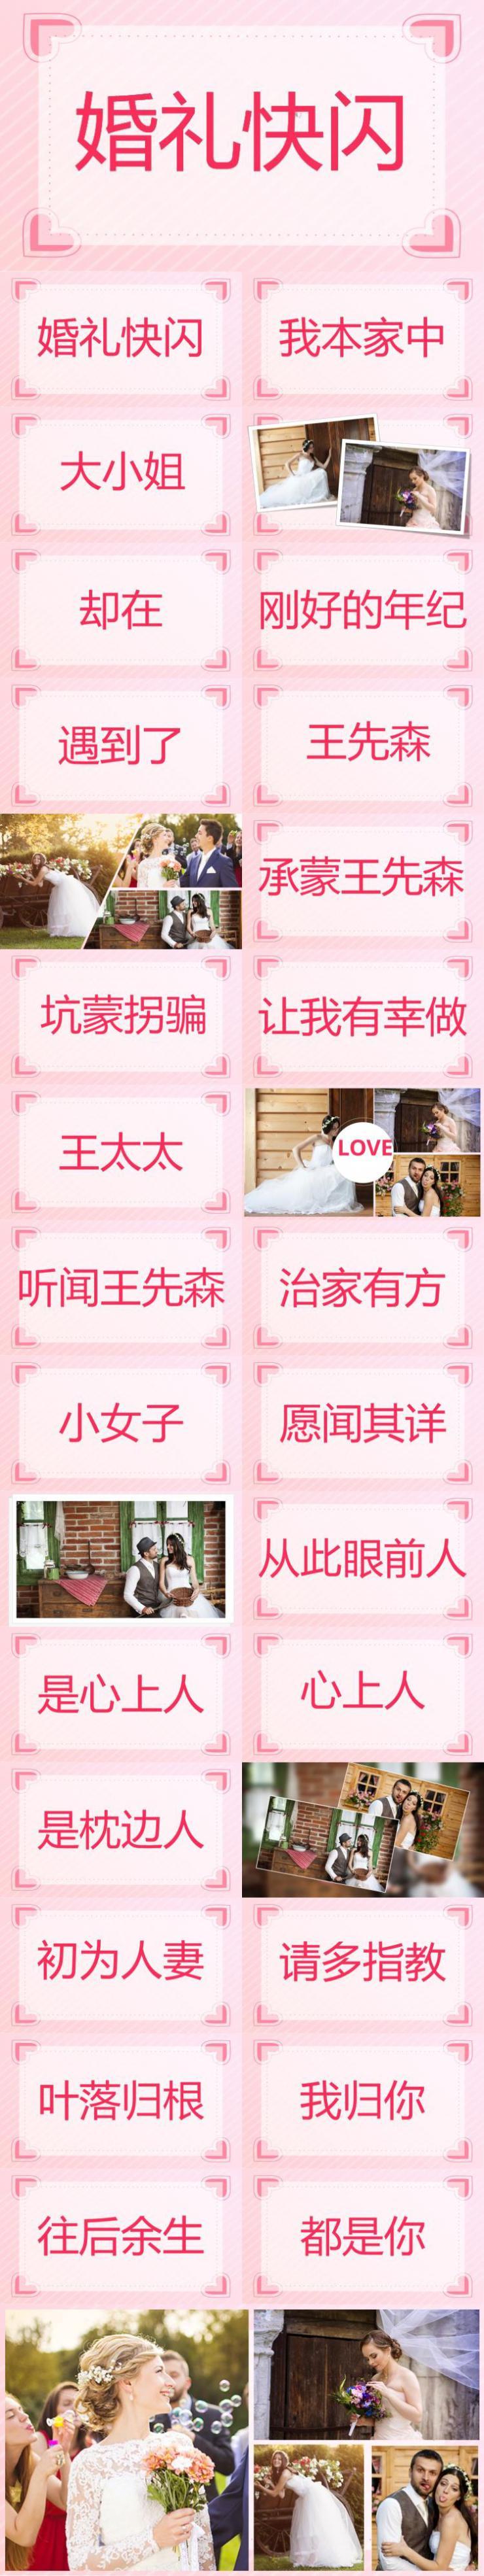 粉色浪漫婚礼开场婚礼快闪相册PPT模板